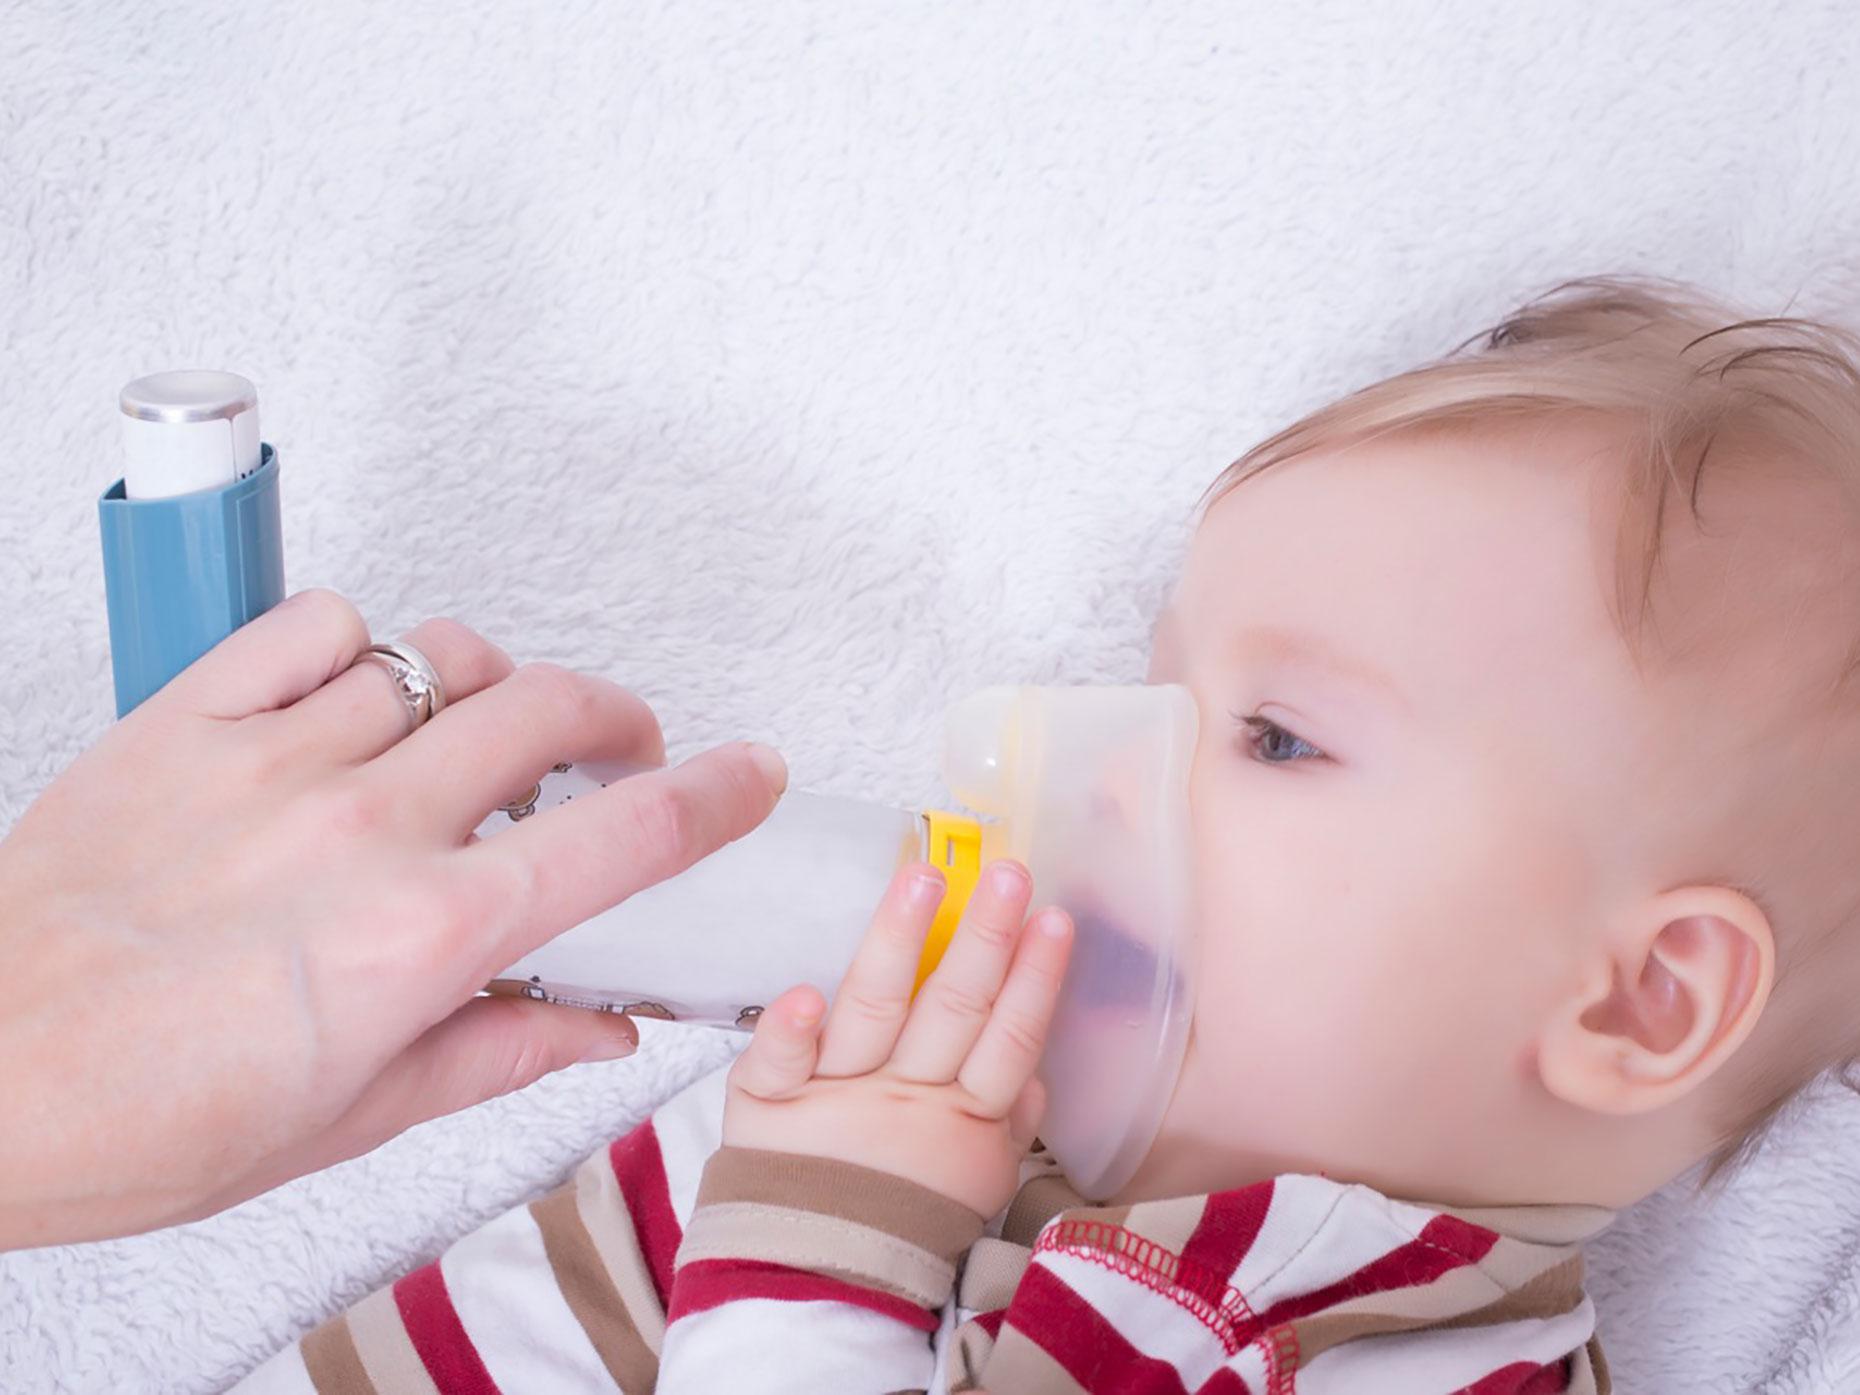 neonato utilizza con aiuto della madre distanziatore per inalatore spray